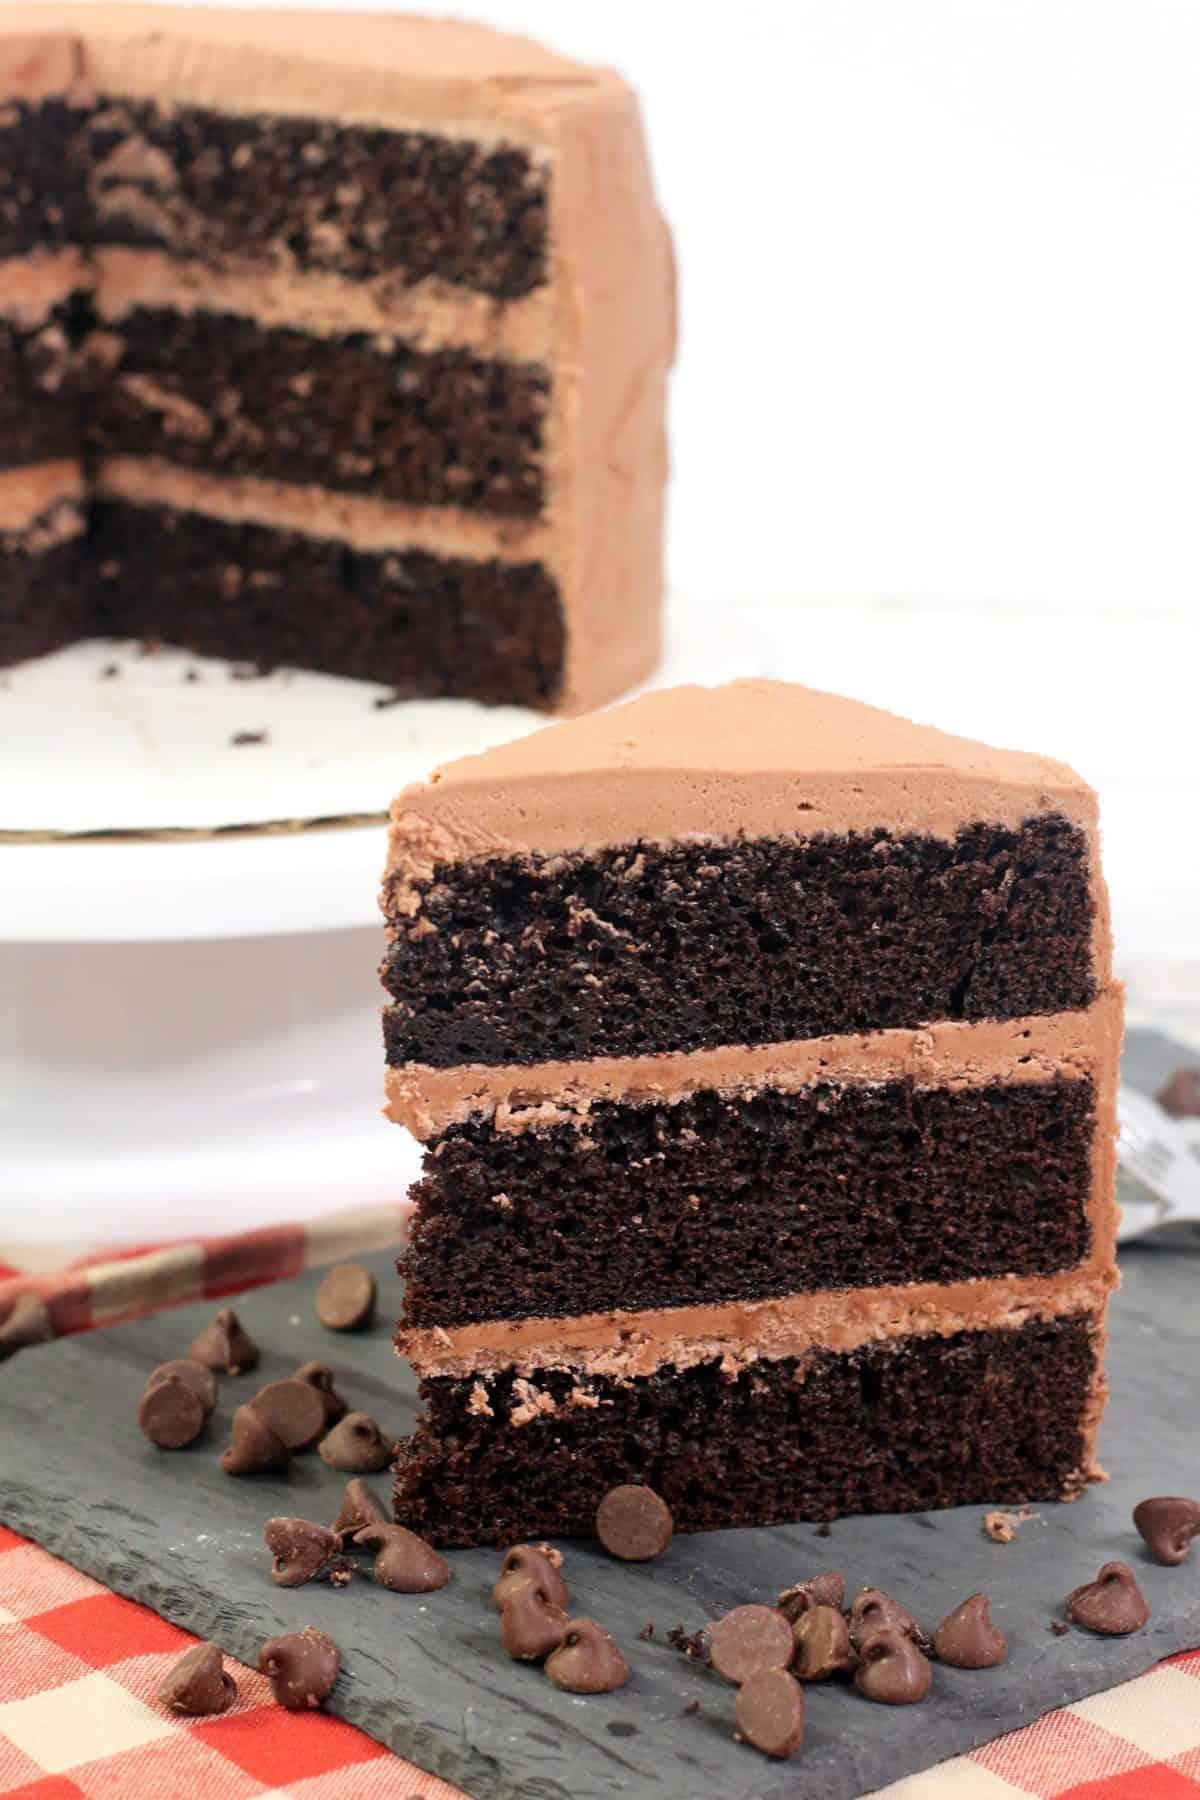 salad dressing cake ,dukes mayo cake